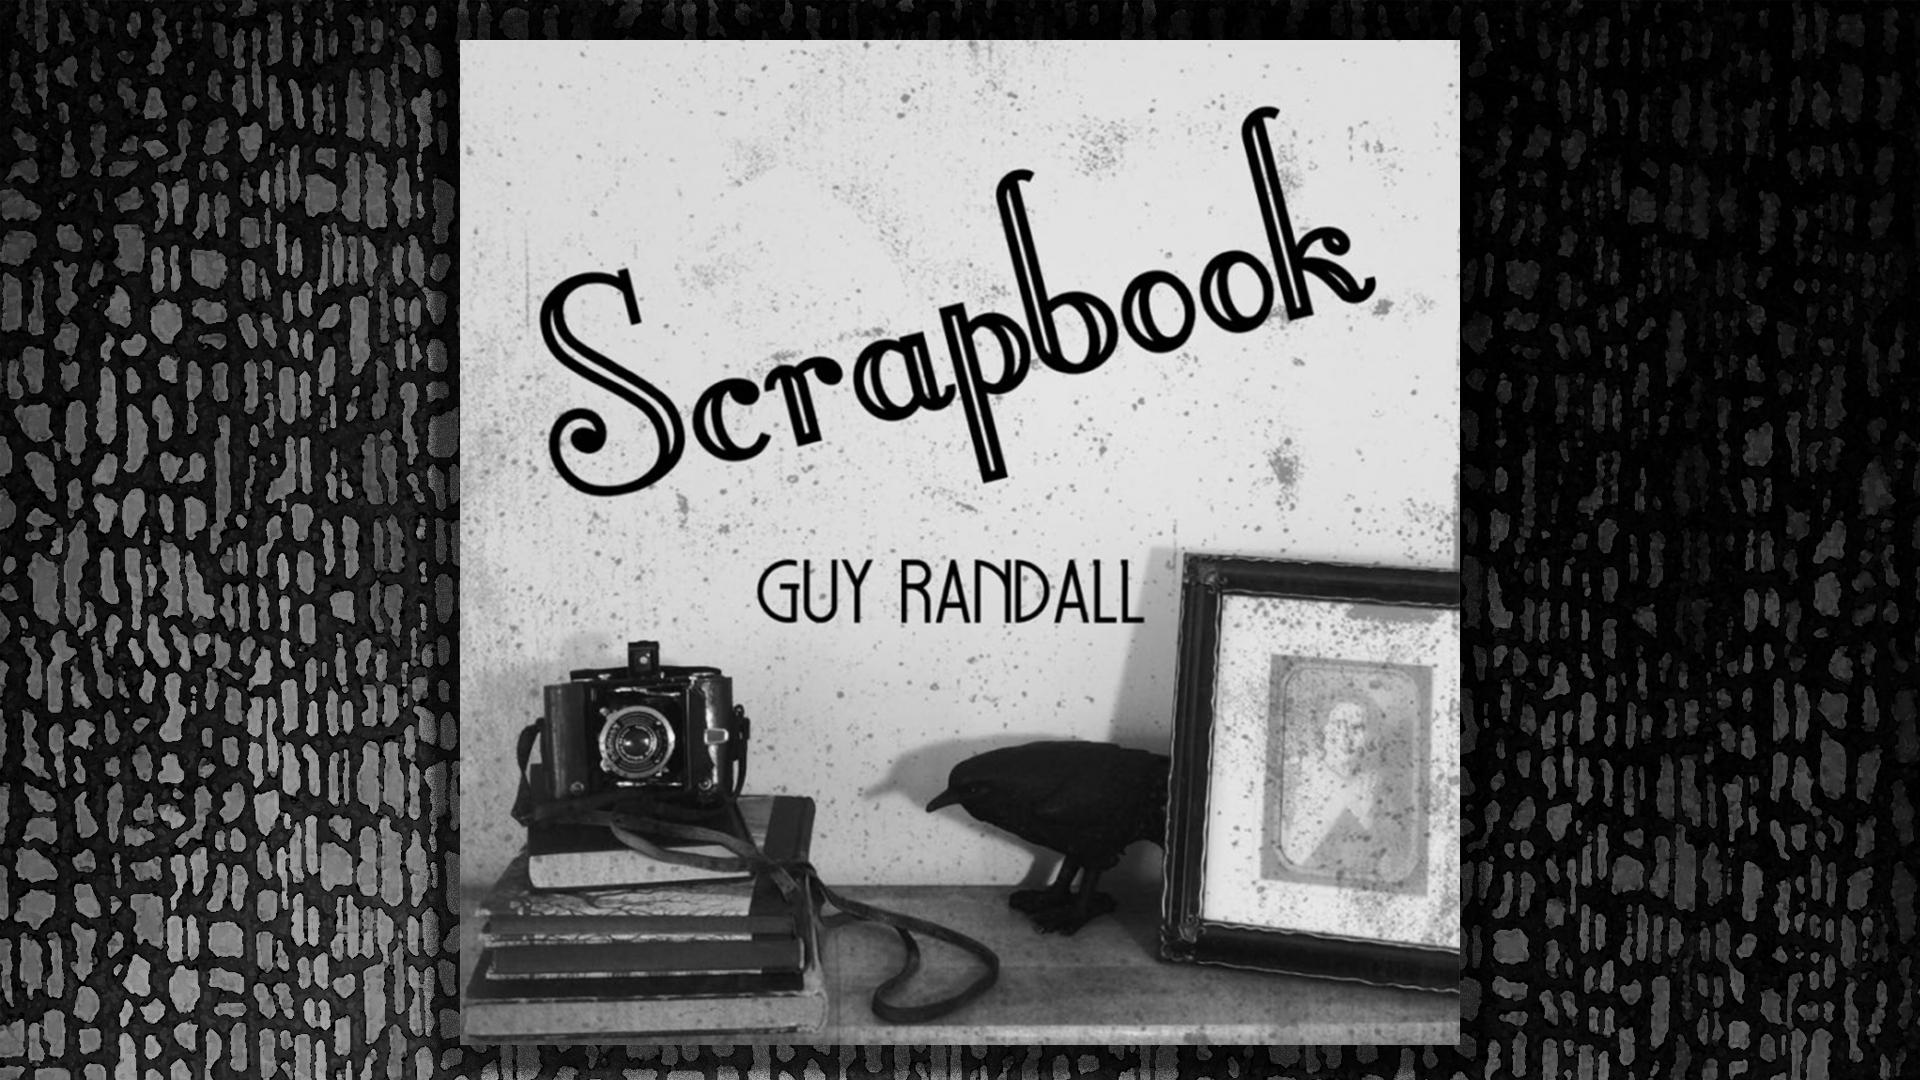 Scrapbook, Guy Randall